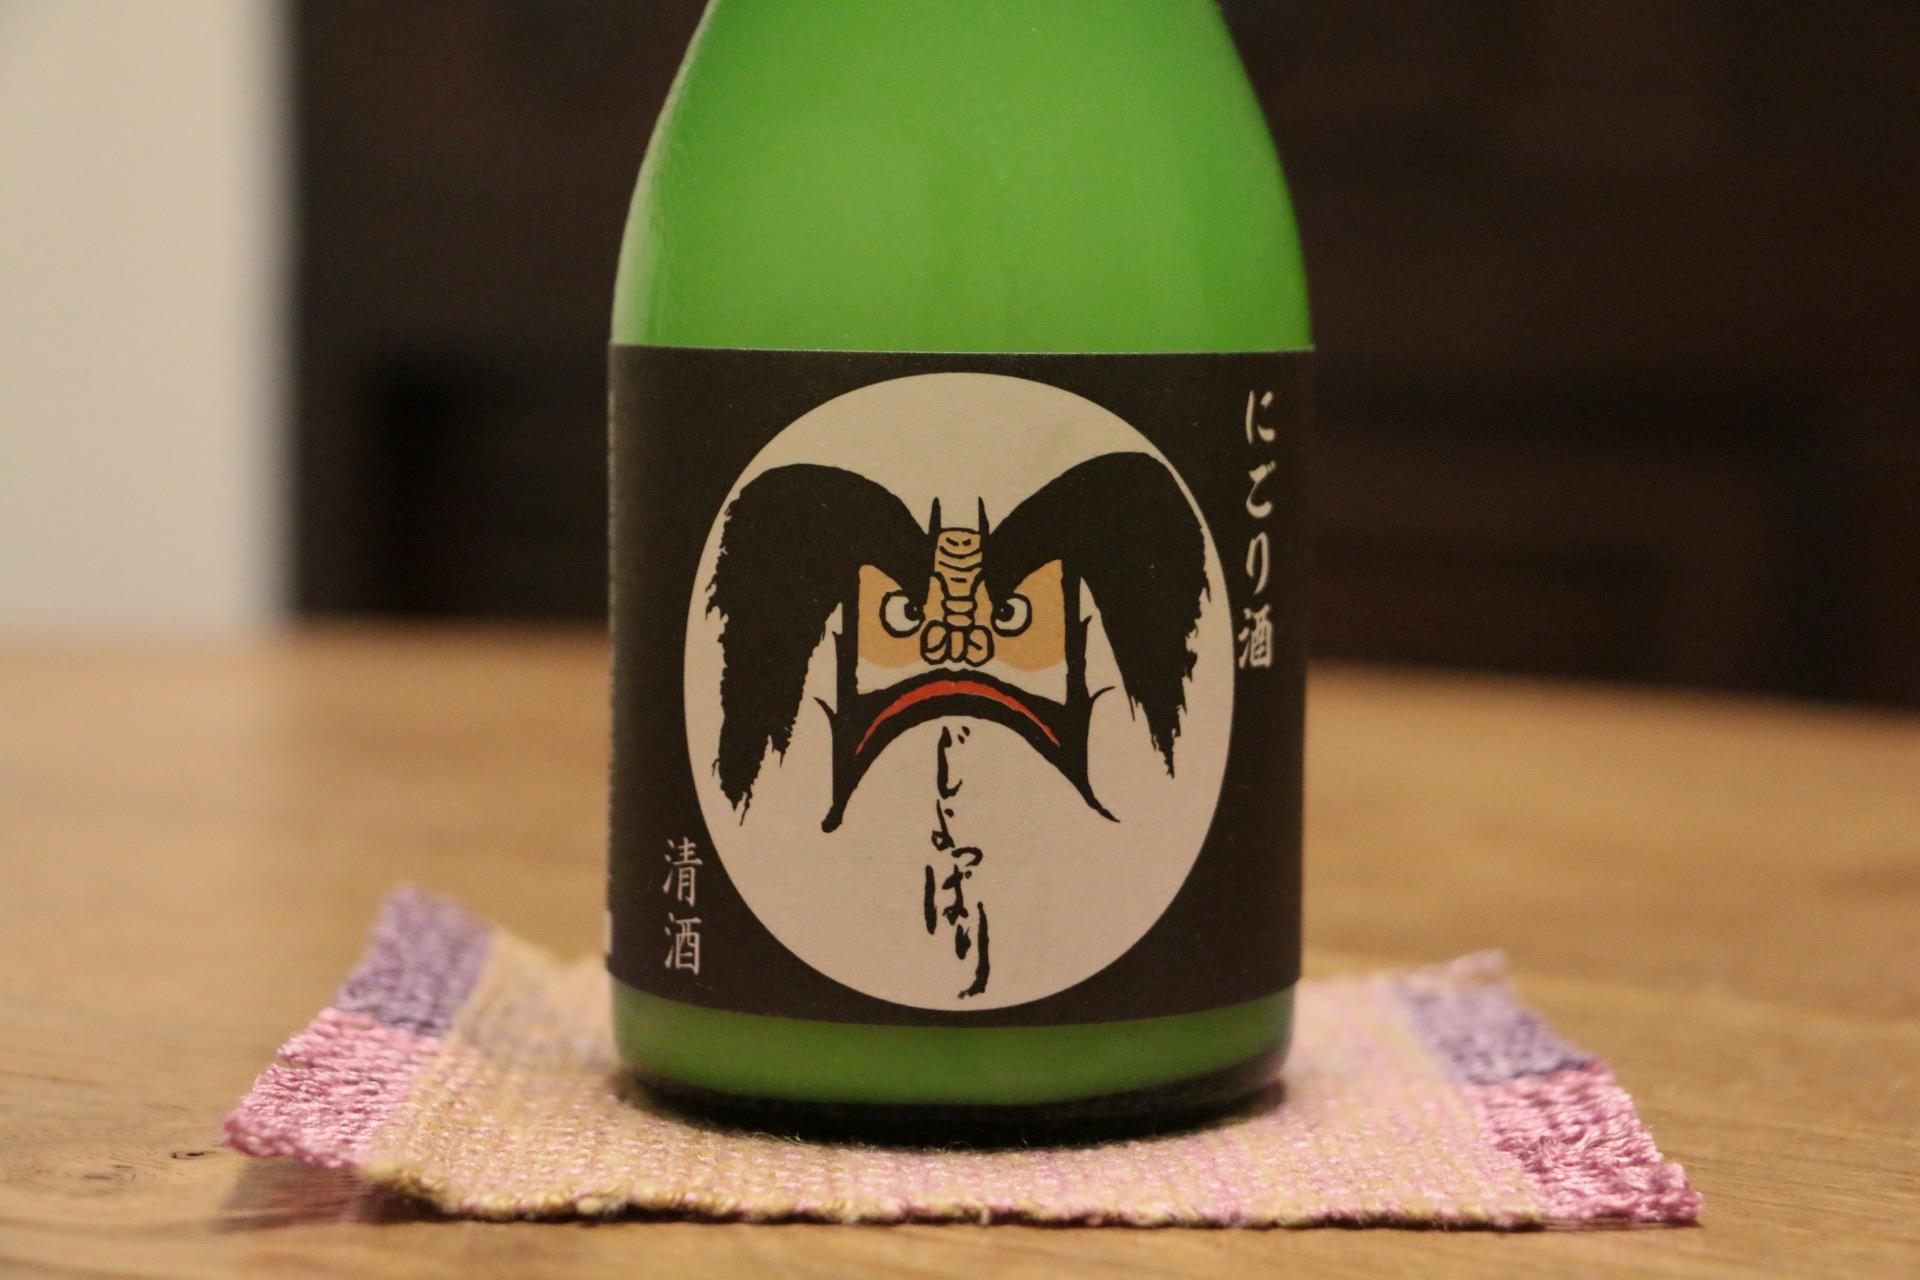 にごり酒 じょっぱり|日本酒テイスティングノート